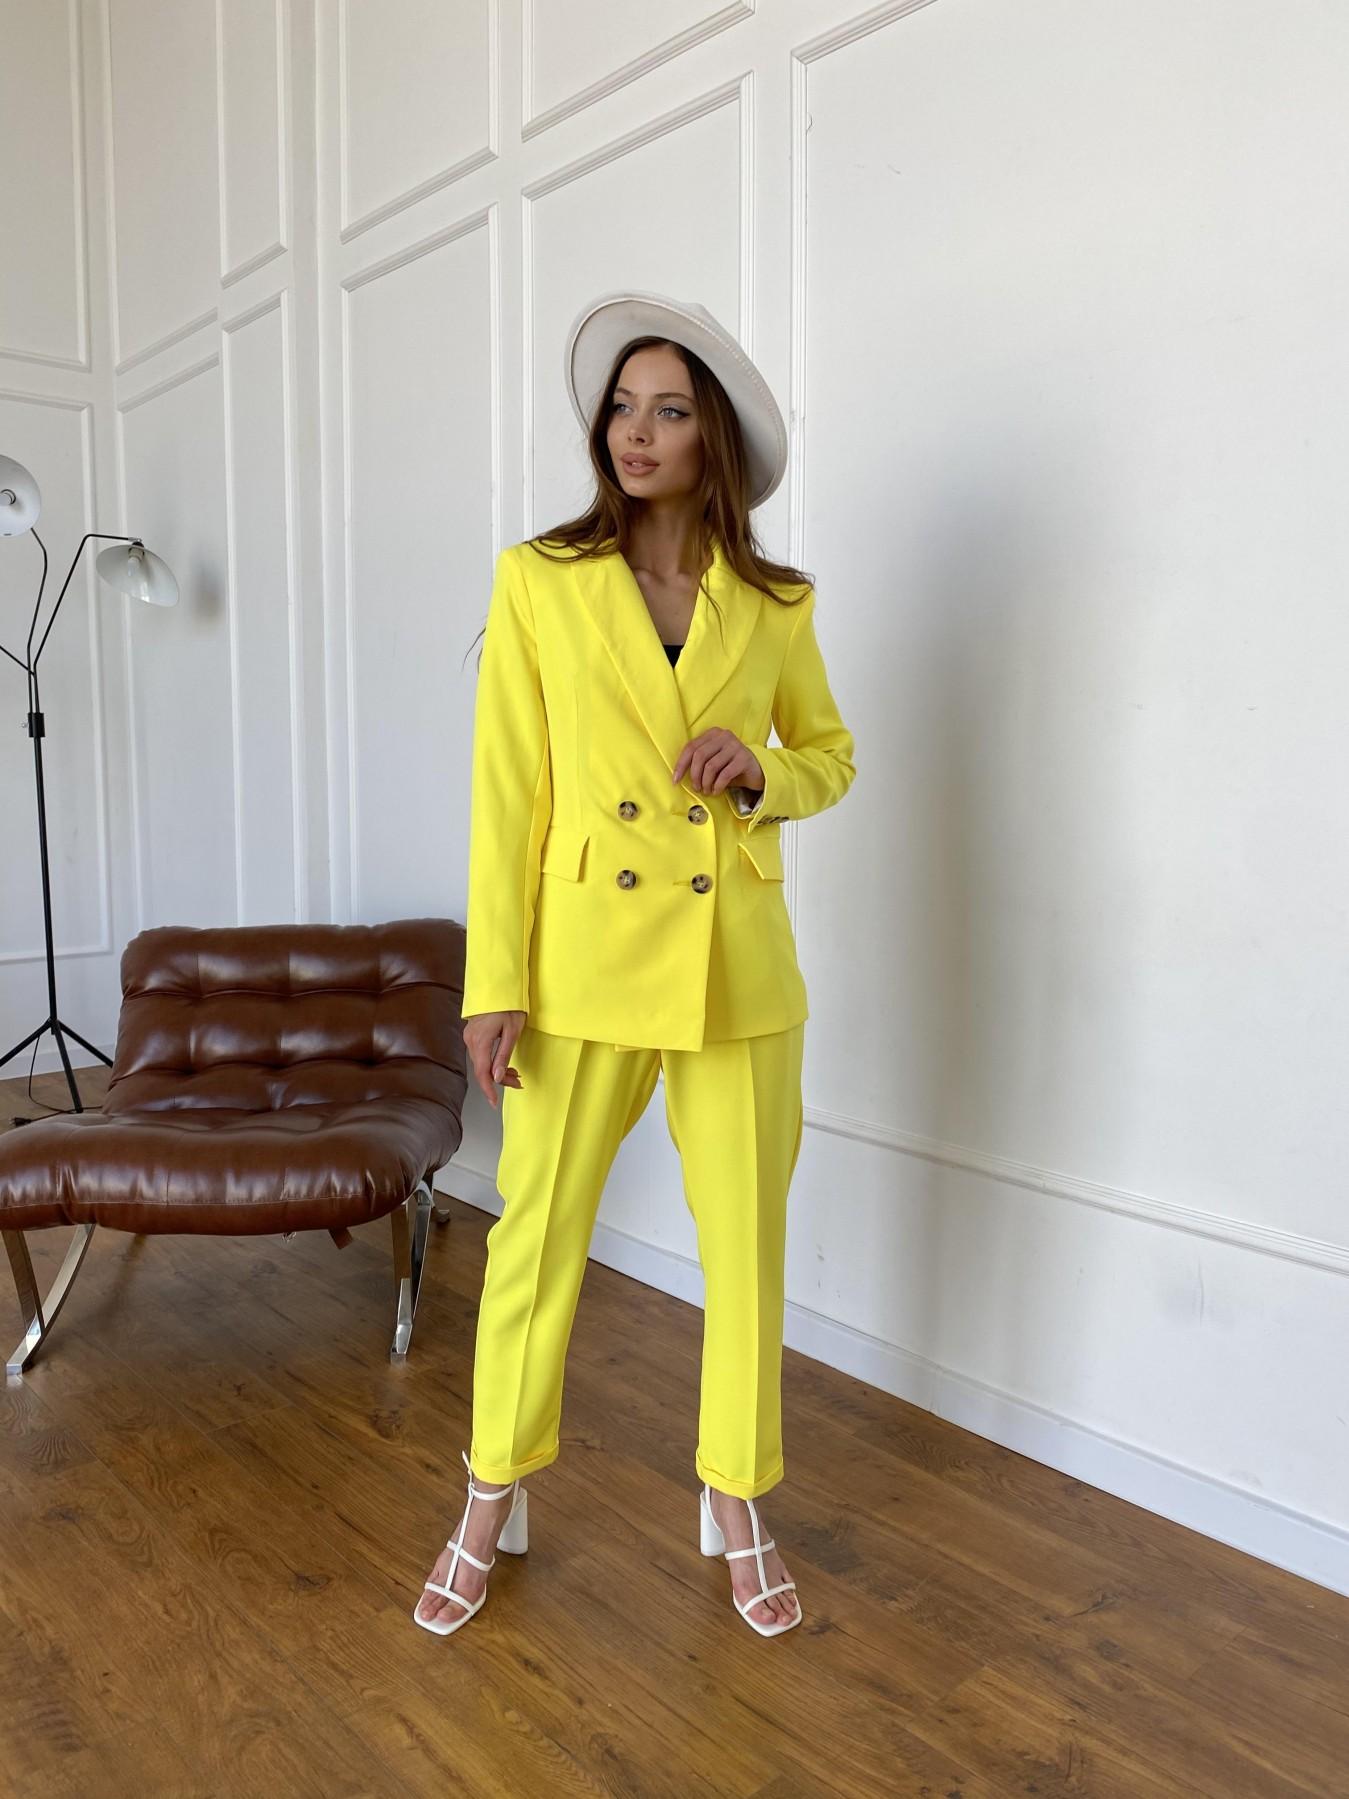 Франко костюм из костюмной ткани 11090 АРТ. 47907 Цвет: Желтый 10 - фото 7, интернет магазин tm-modus.ru